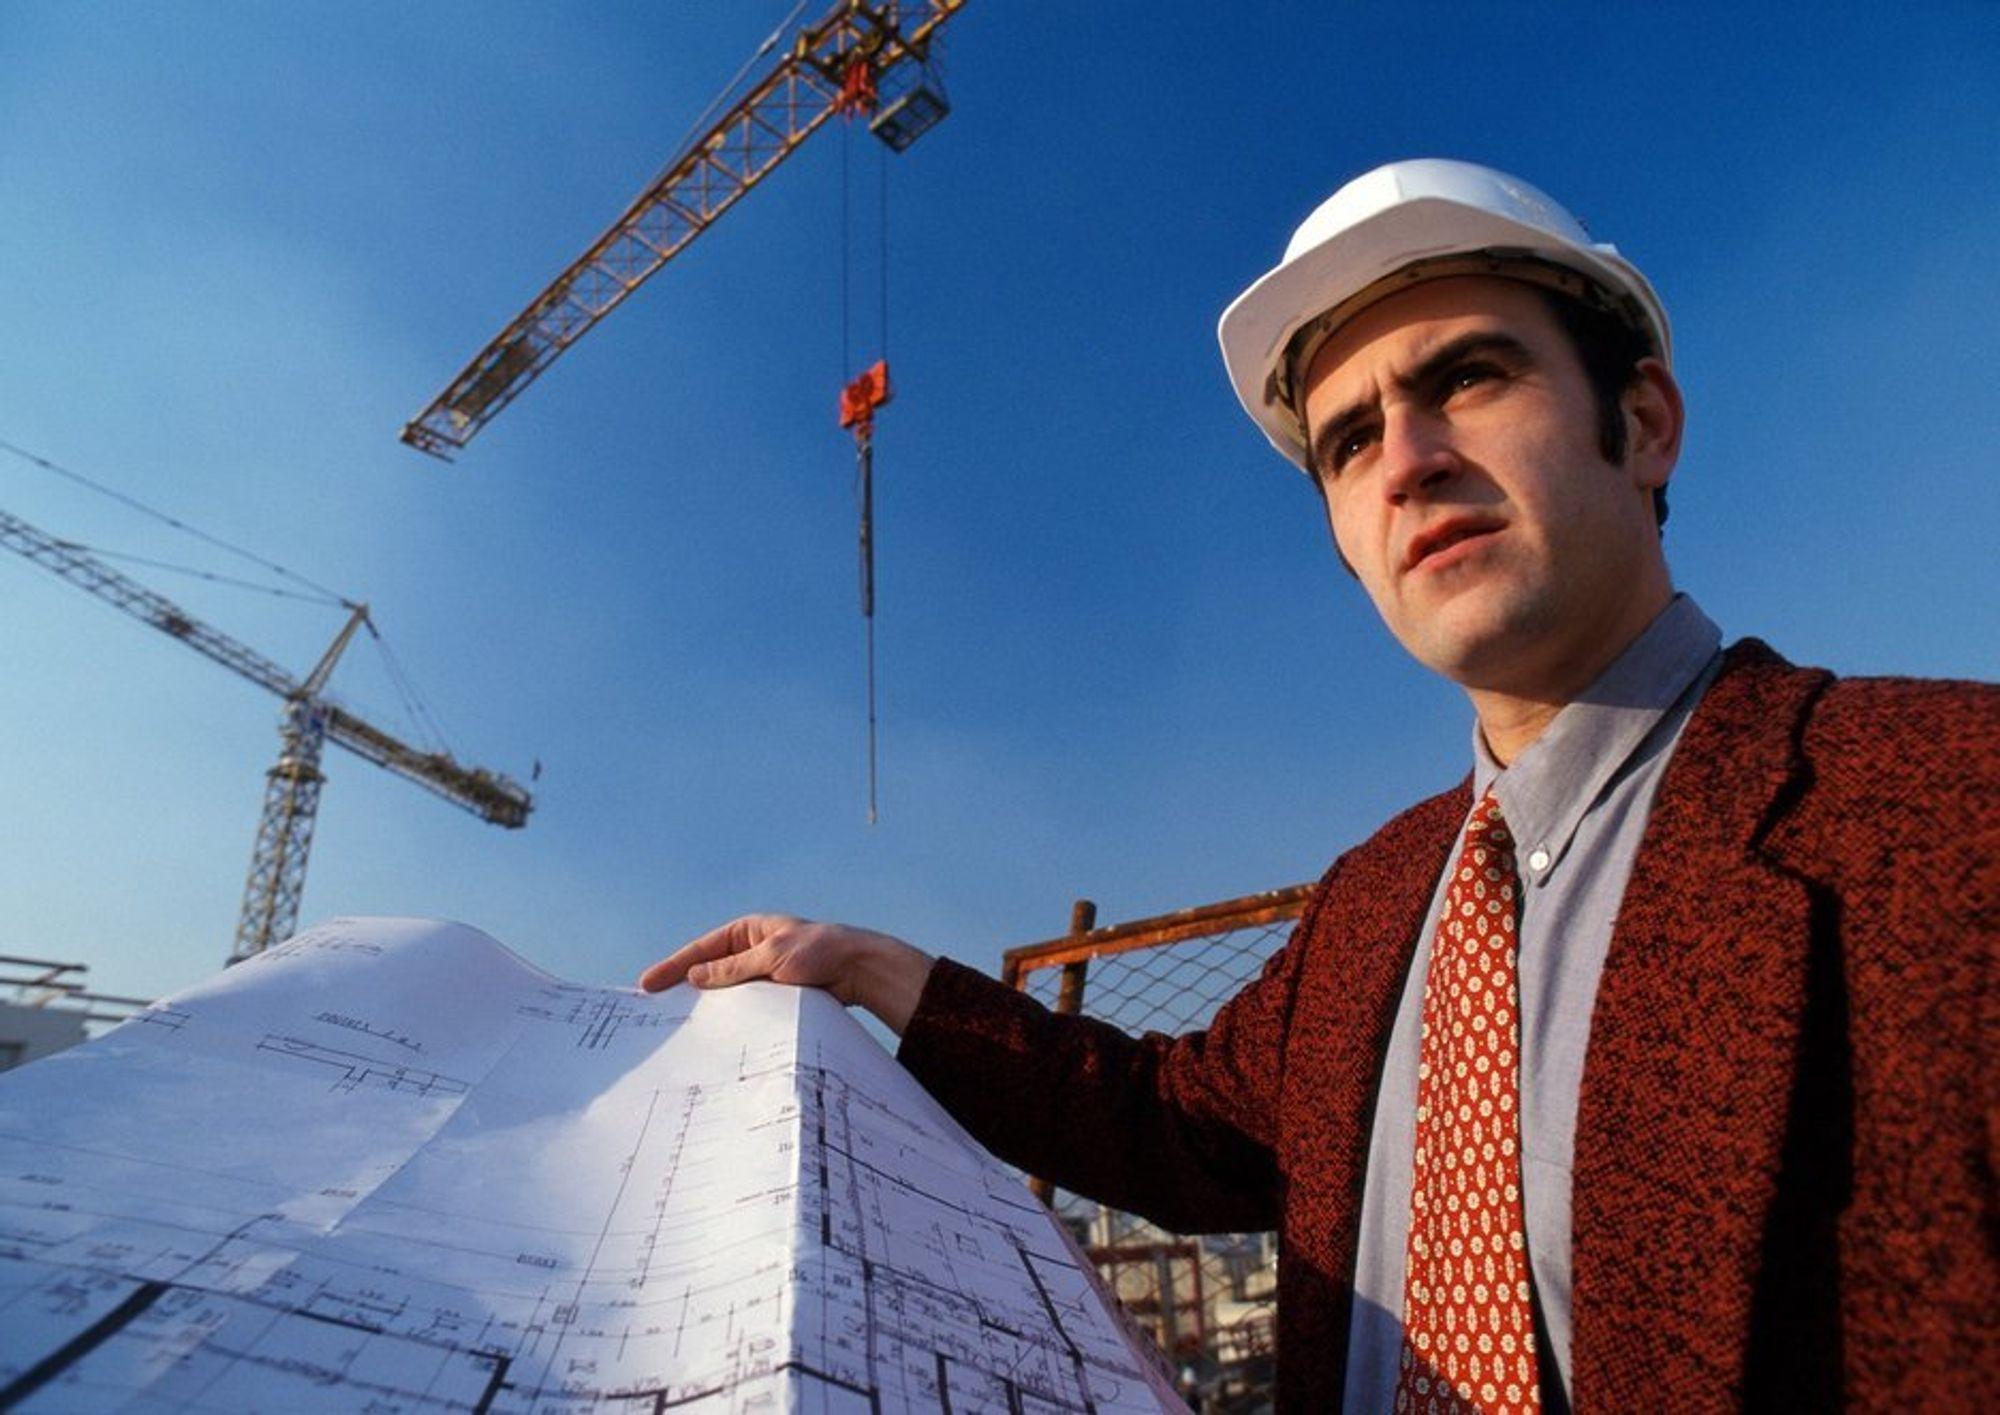 Det er nå nesten 3400 ledige jobber på rundt 1300 ledige ingeniører, ifølge NAVs ferskeste arbeidsmarkedstall.